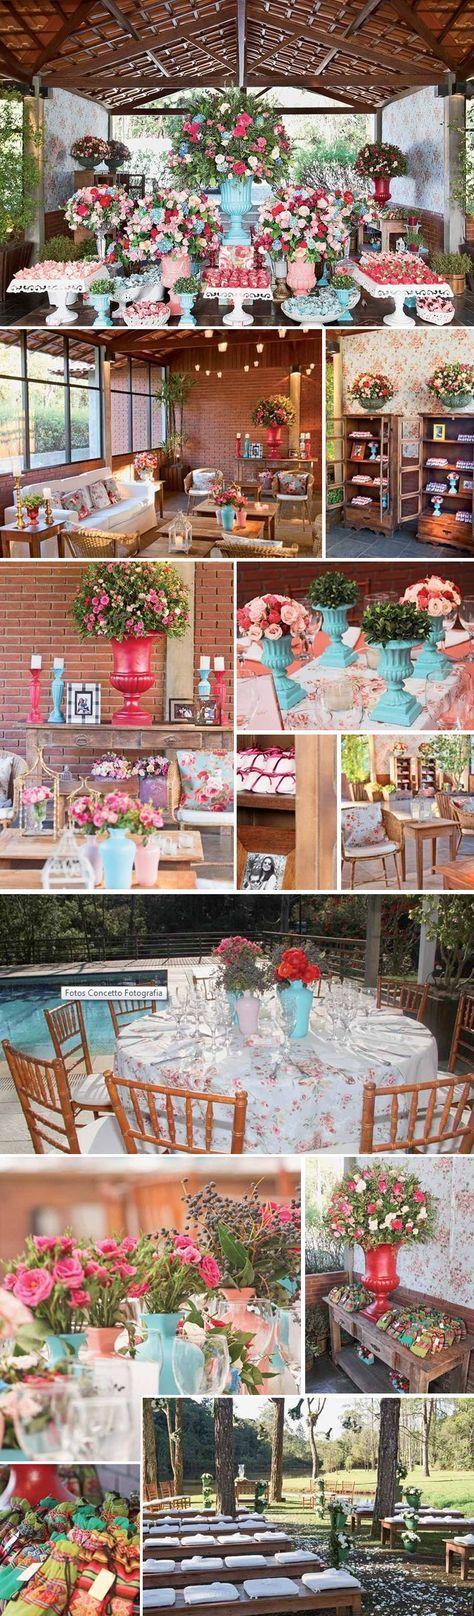 decoração rosa, azul e vermelho